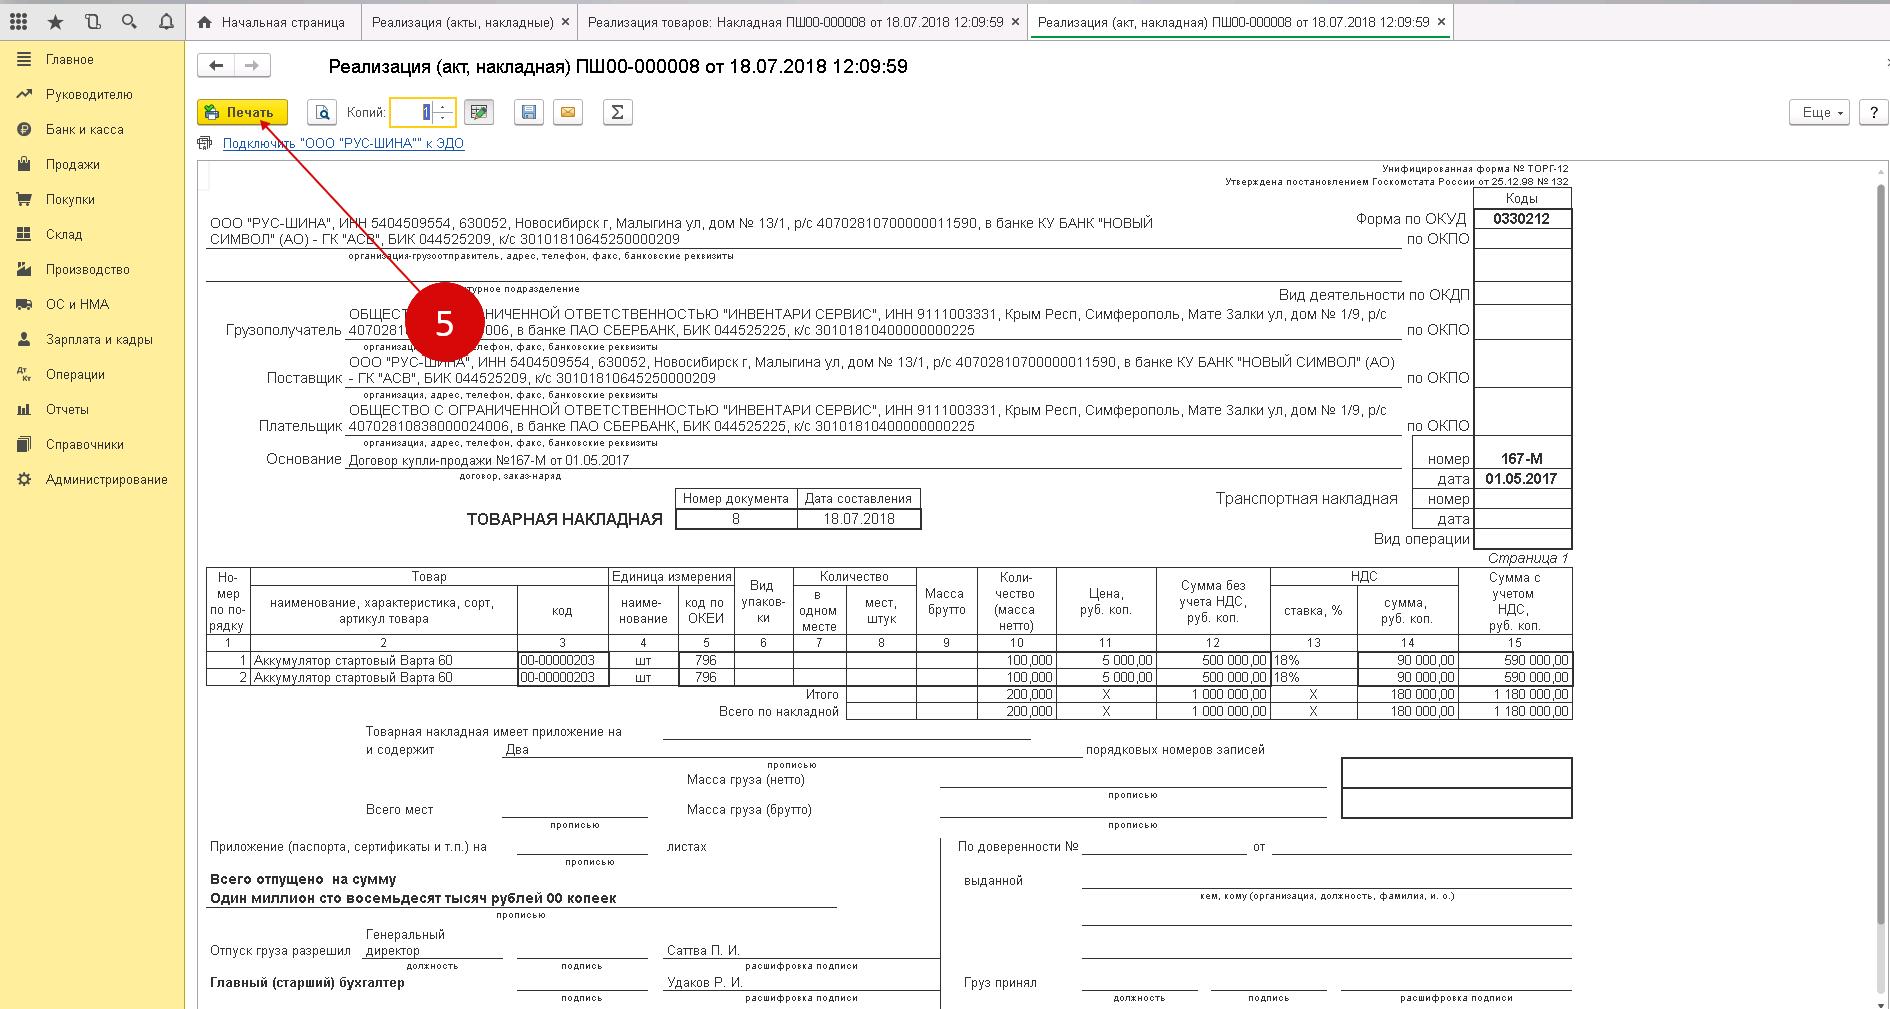 Что такое торг 12? образец заполнения